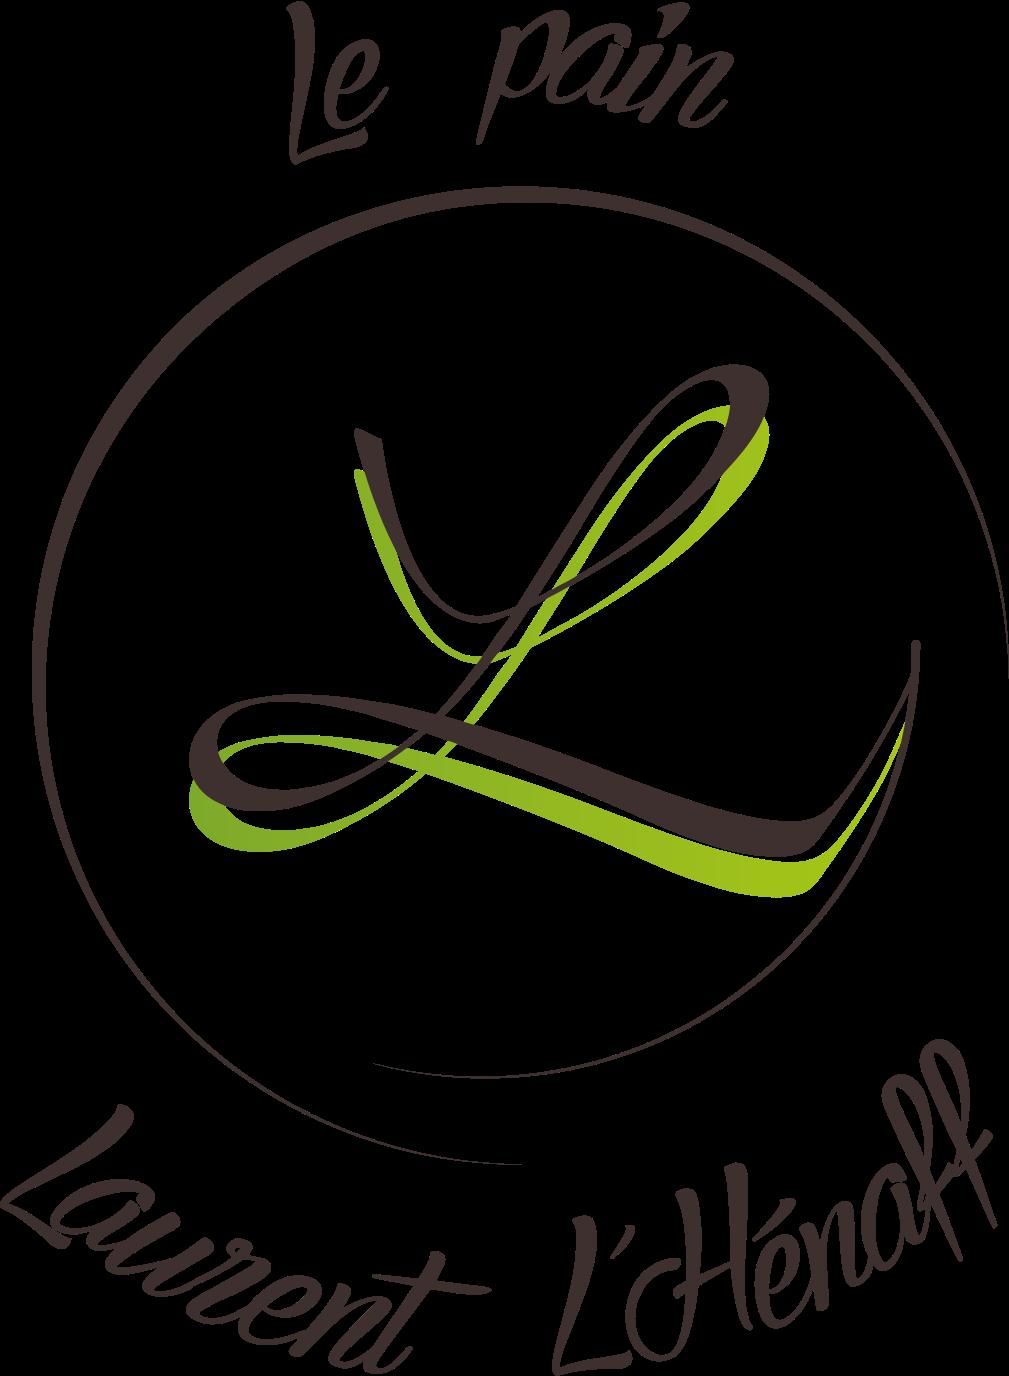 Logo_Le_Pain_Laurent_L_he_naff-1495059385.png